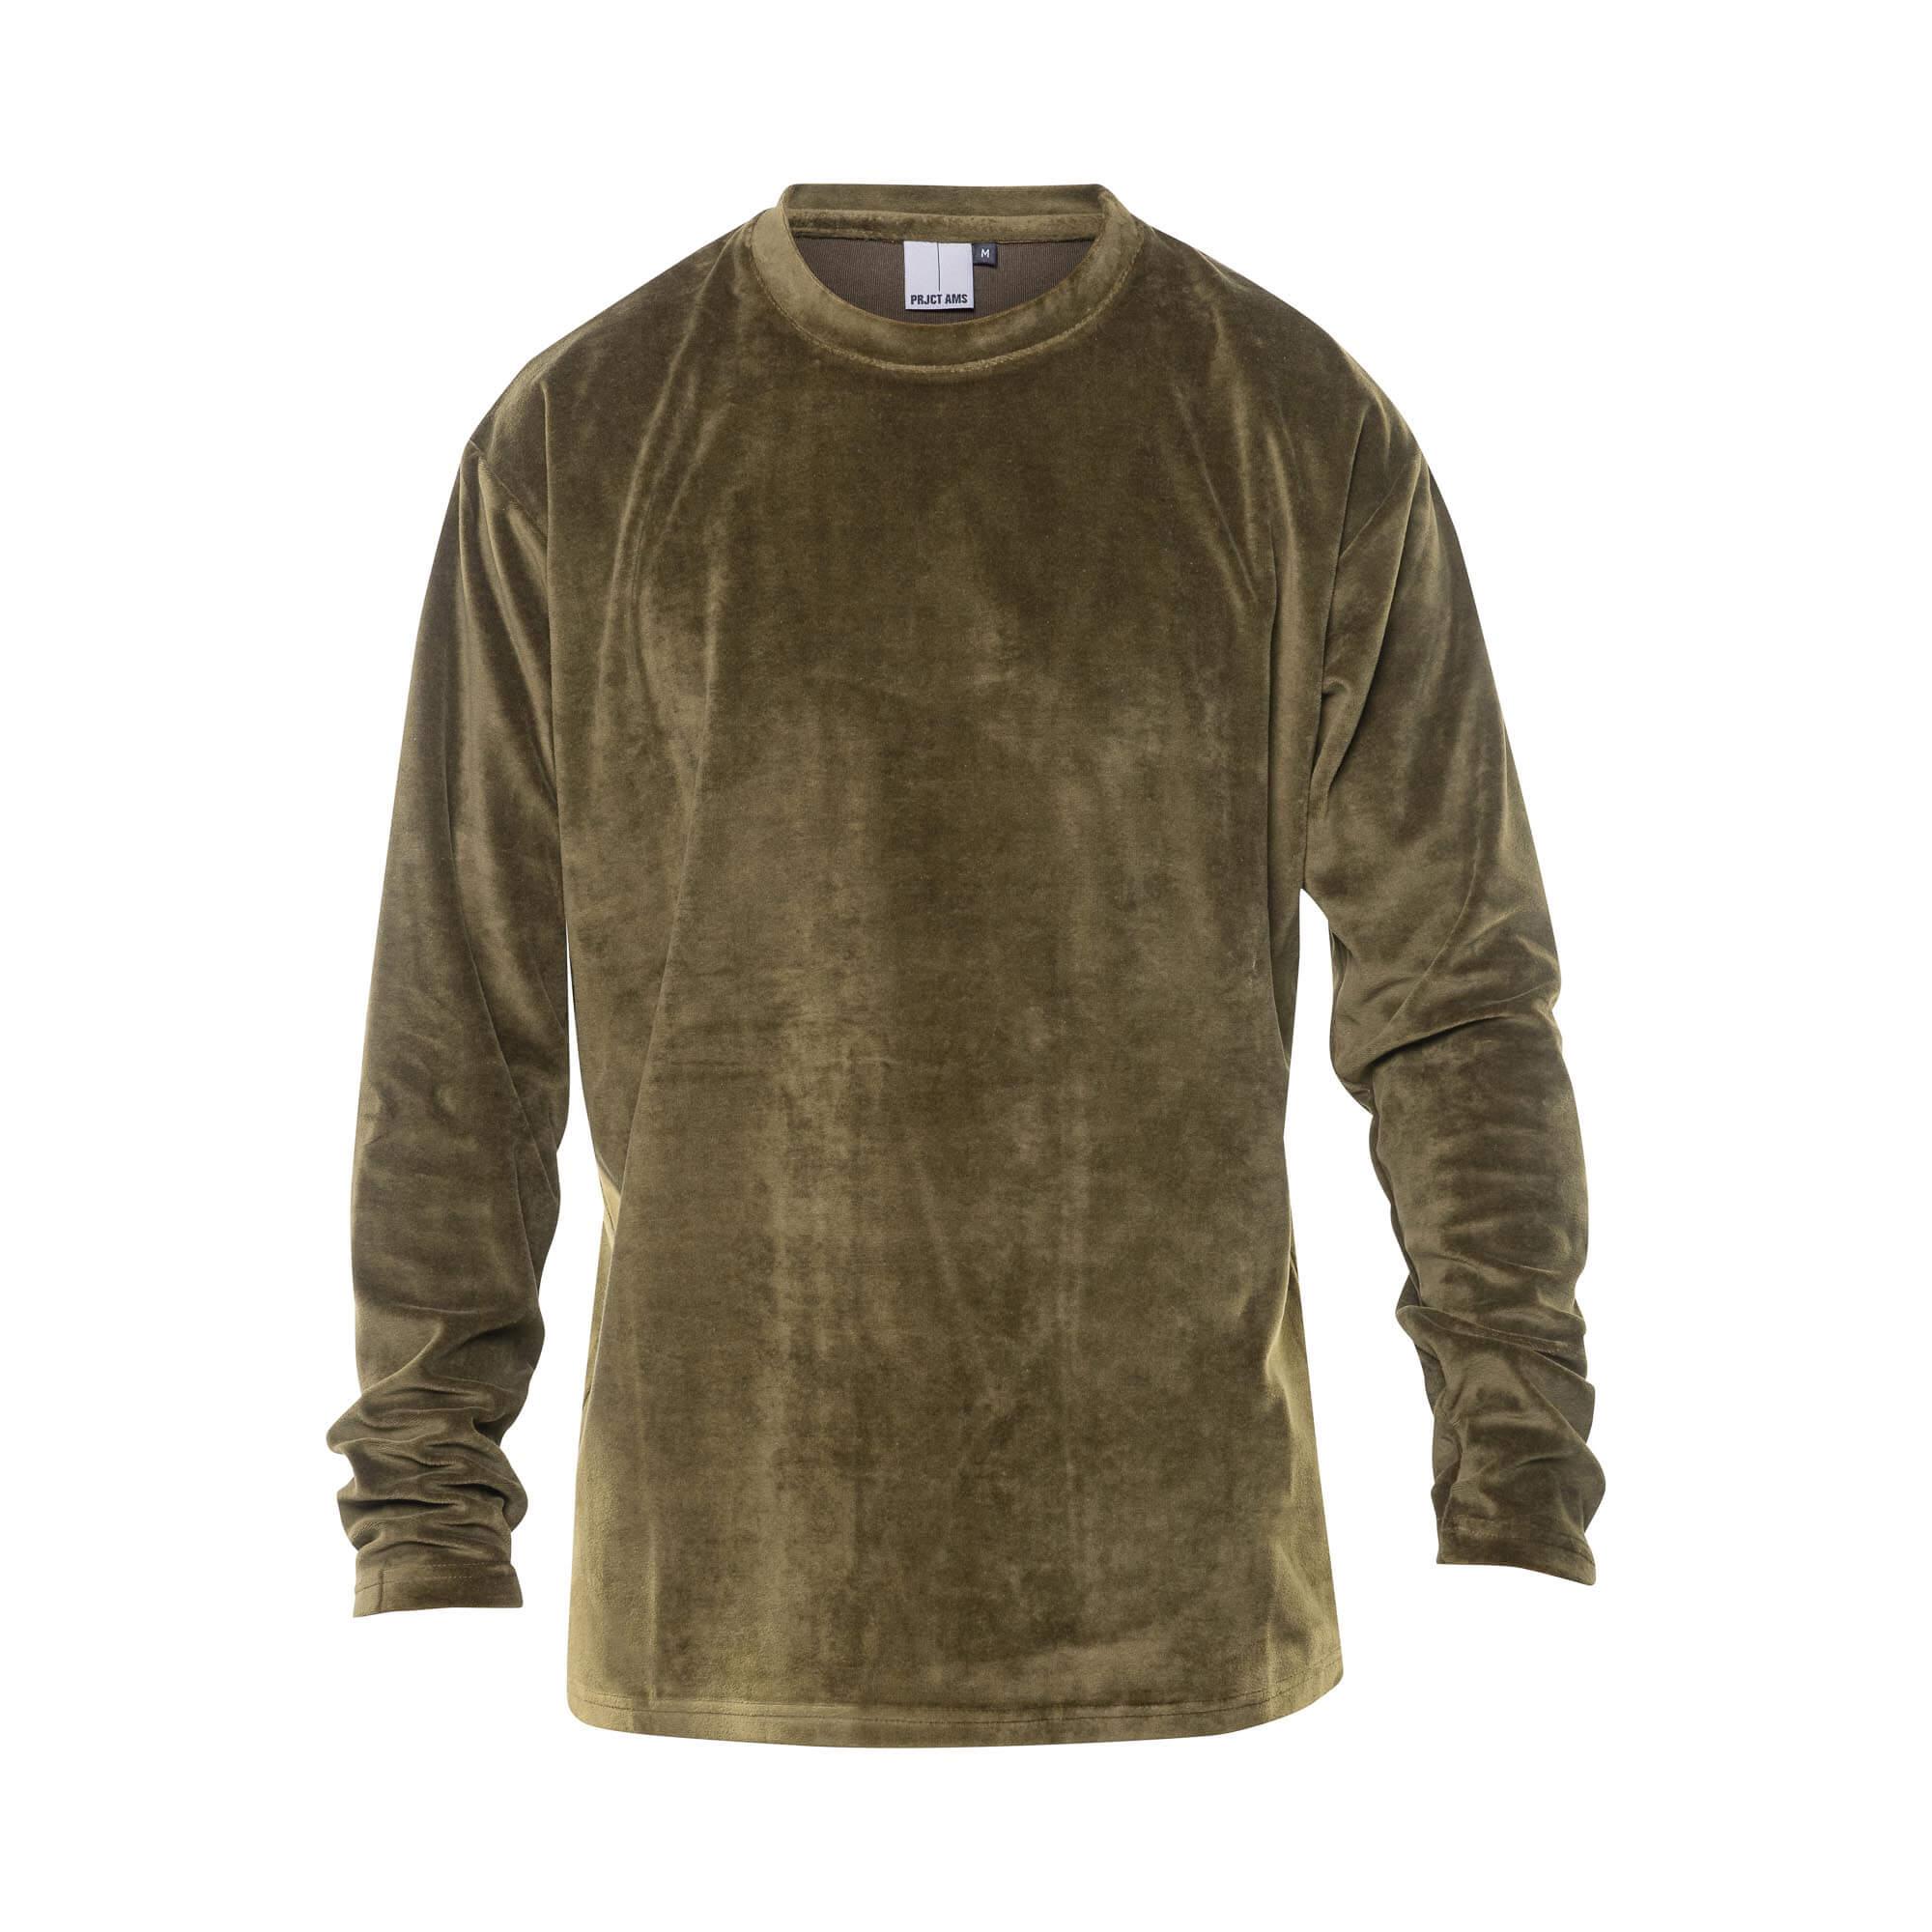 velvet sweater green